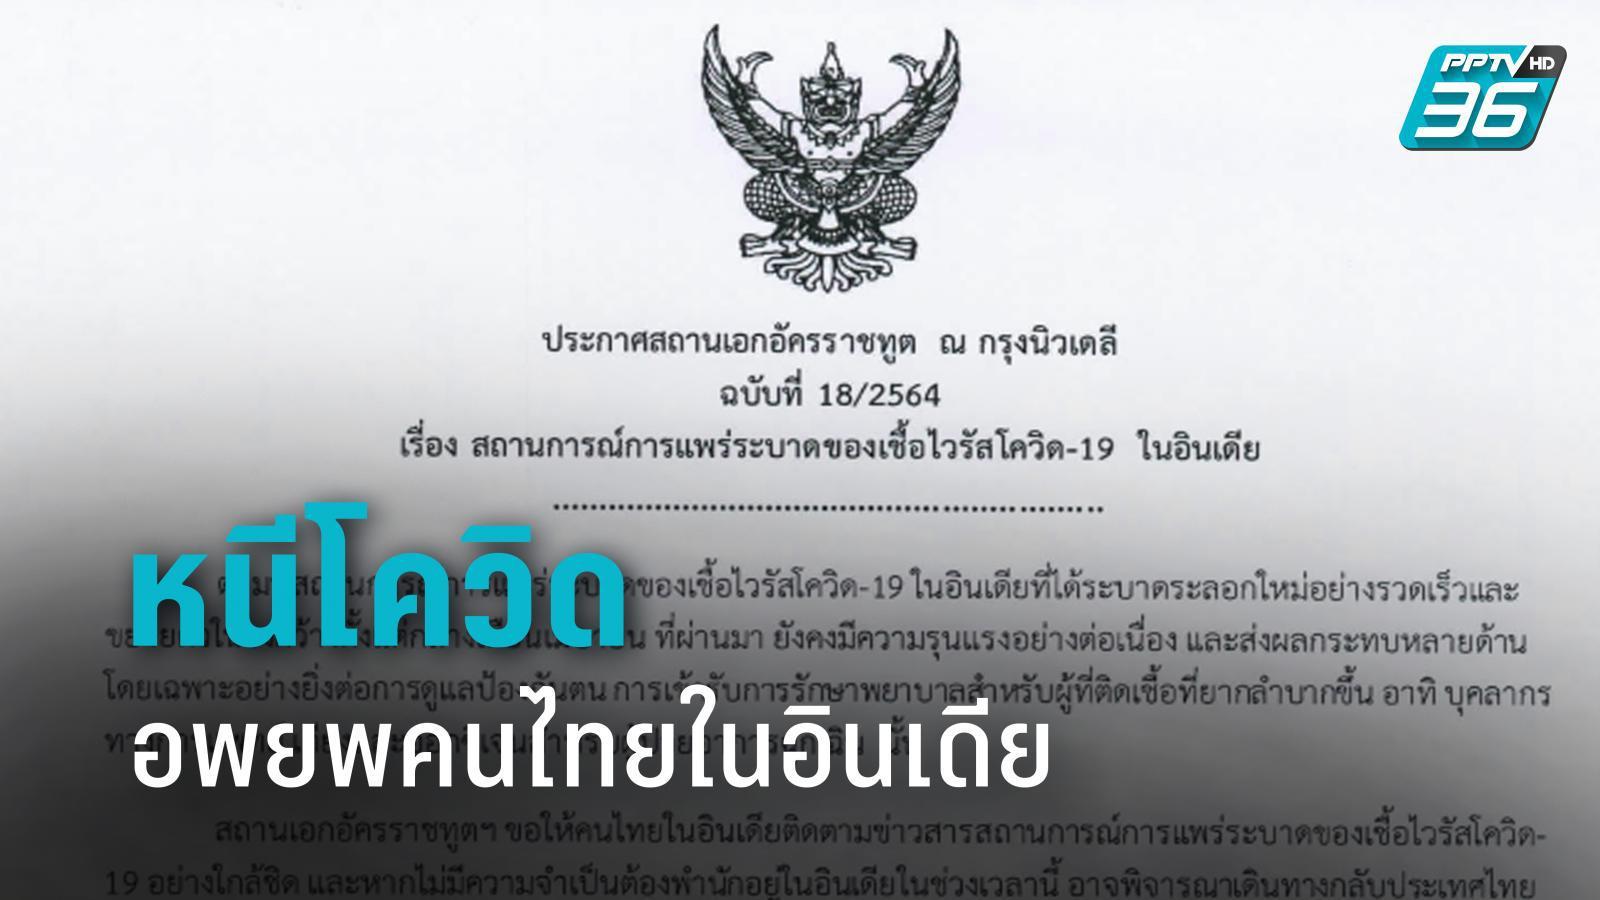 สถานทูต ประกาศอพยพคนไทยในอินเดีย หนีวิกฤตโควิด-19